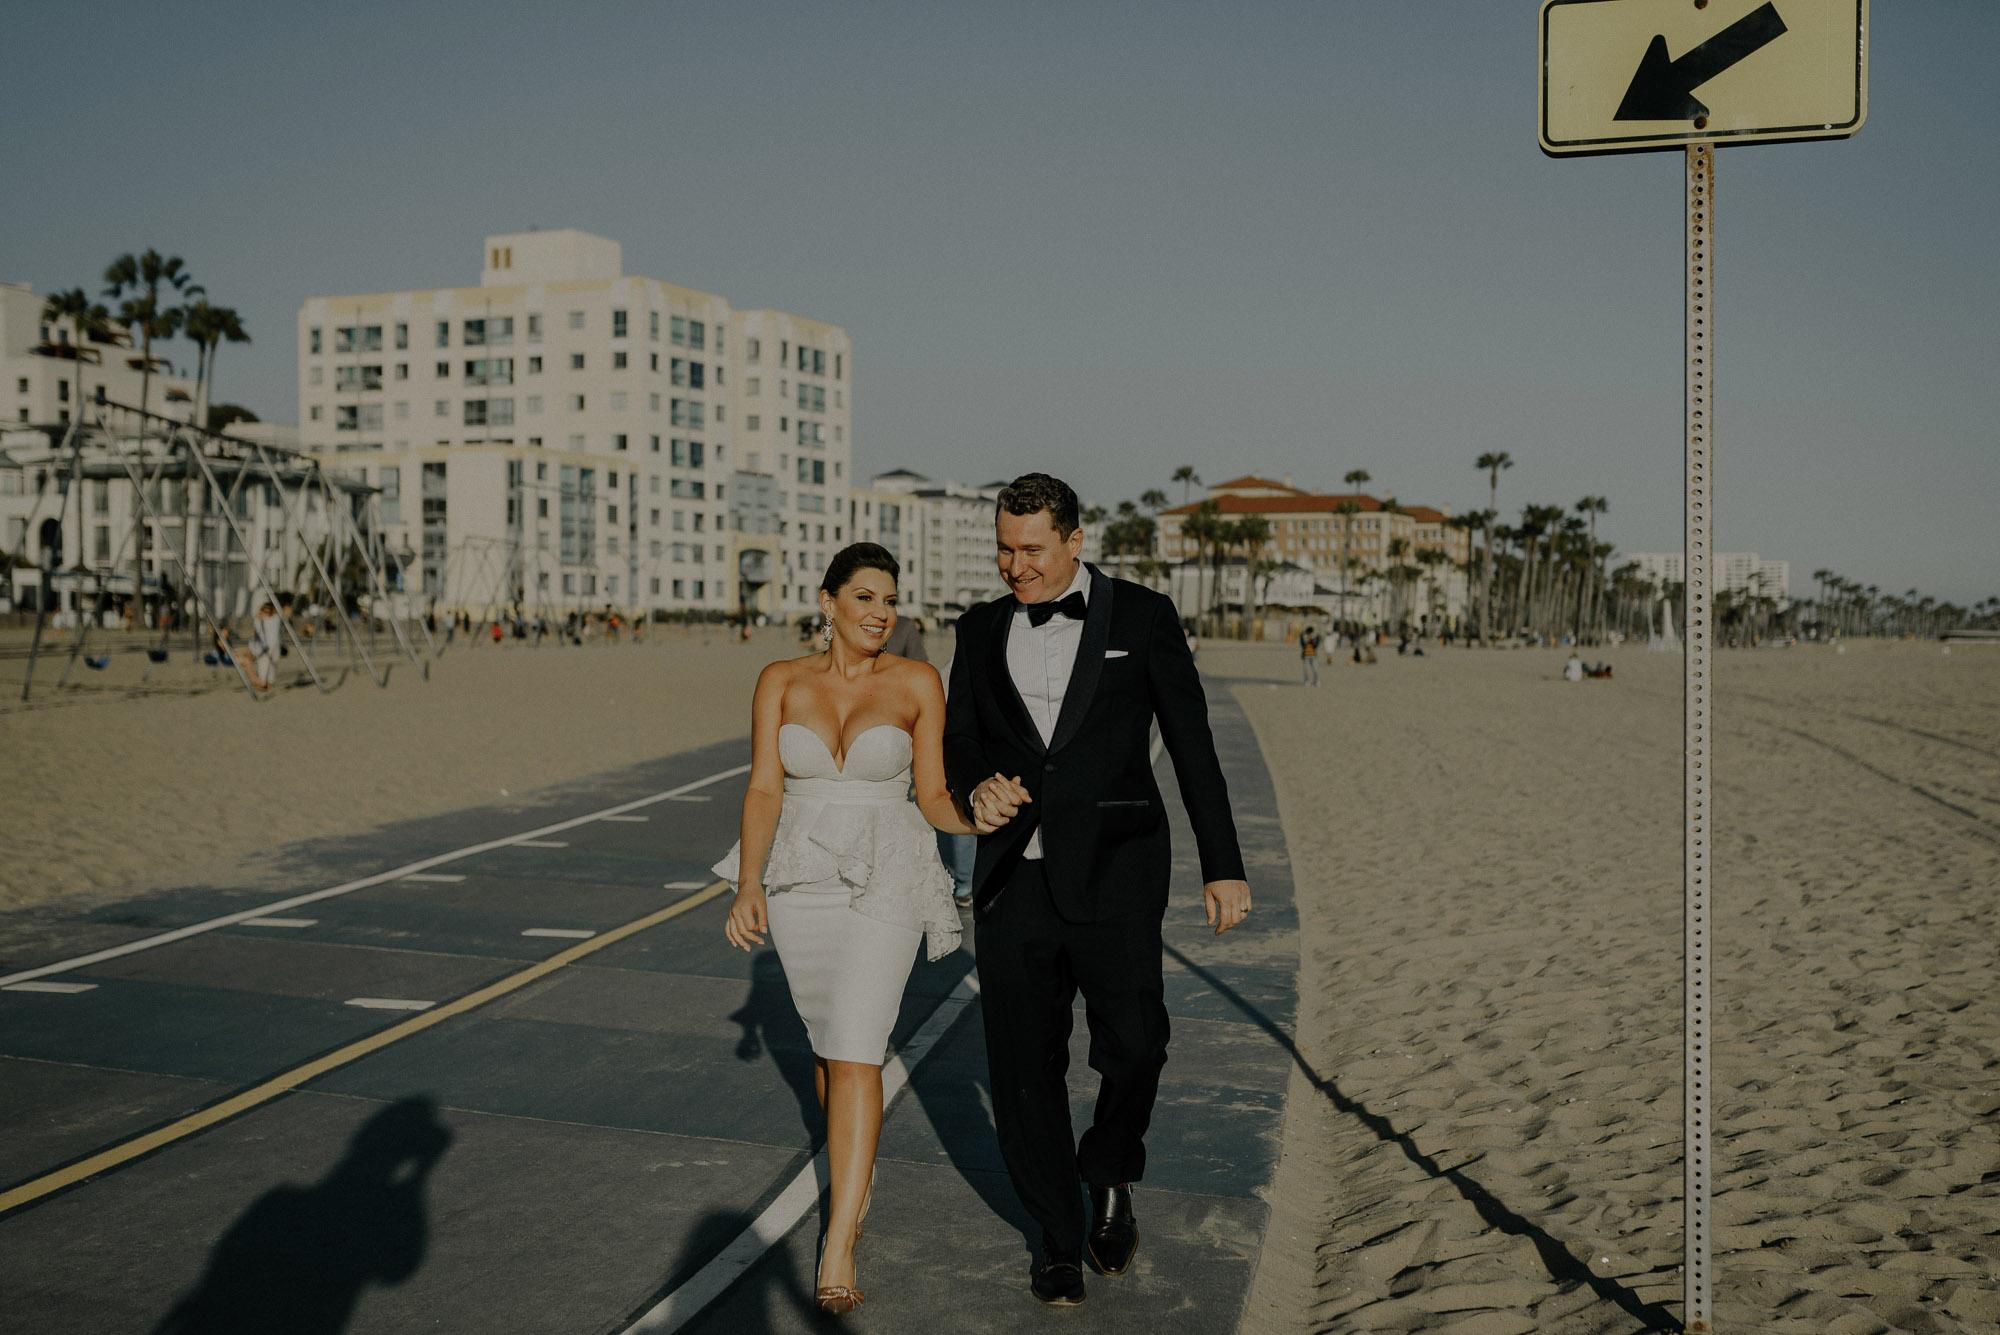 Ebony-Jason-Wedding-Indulge-Magazine-6-of-16.jpg